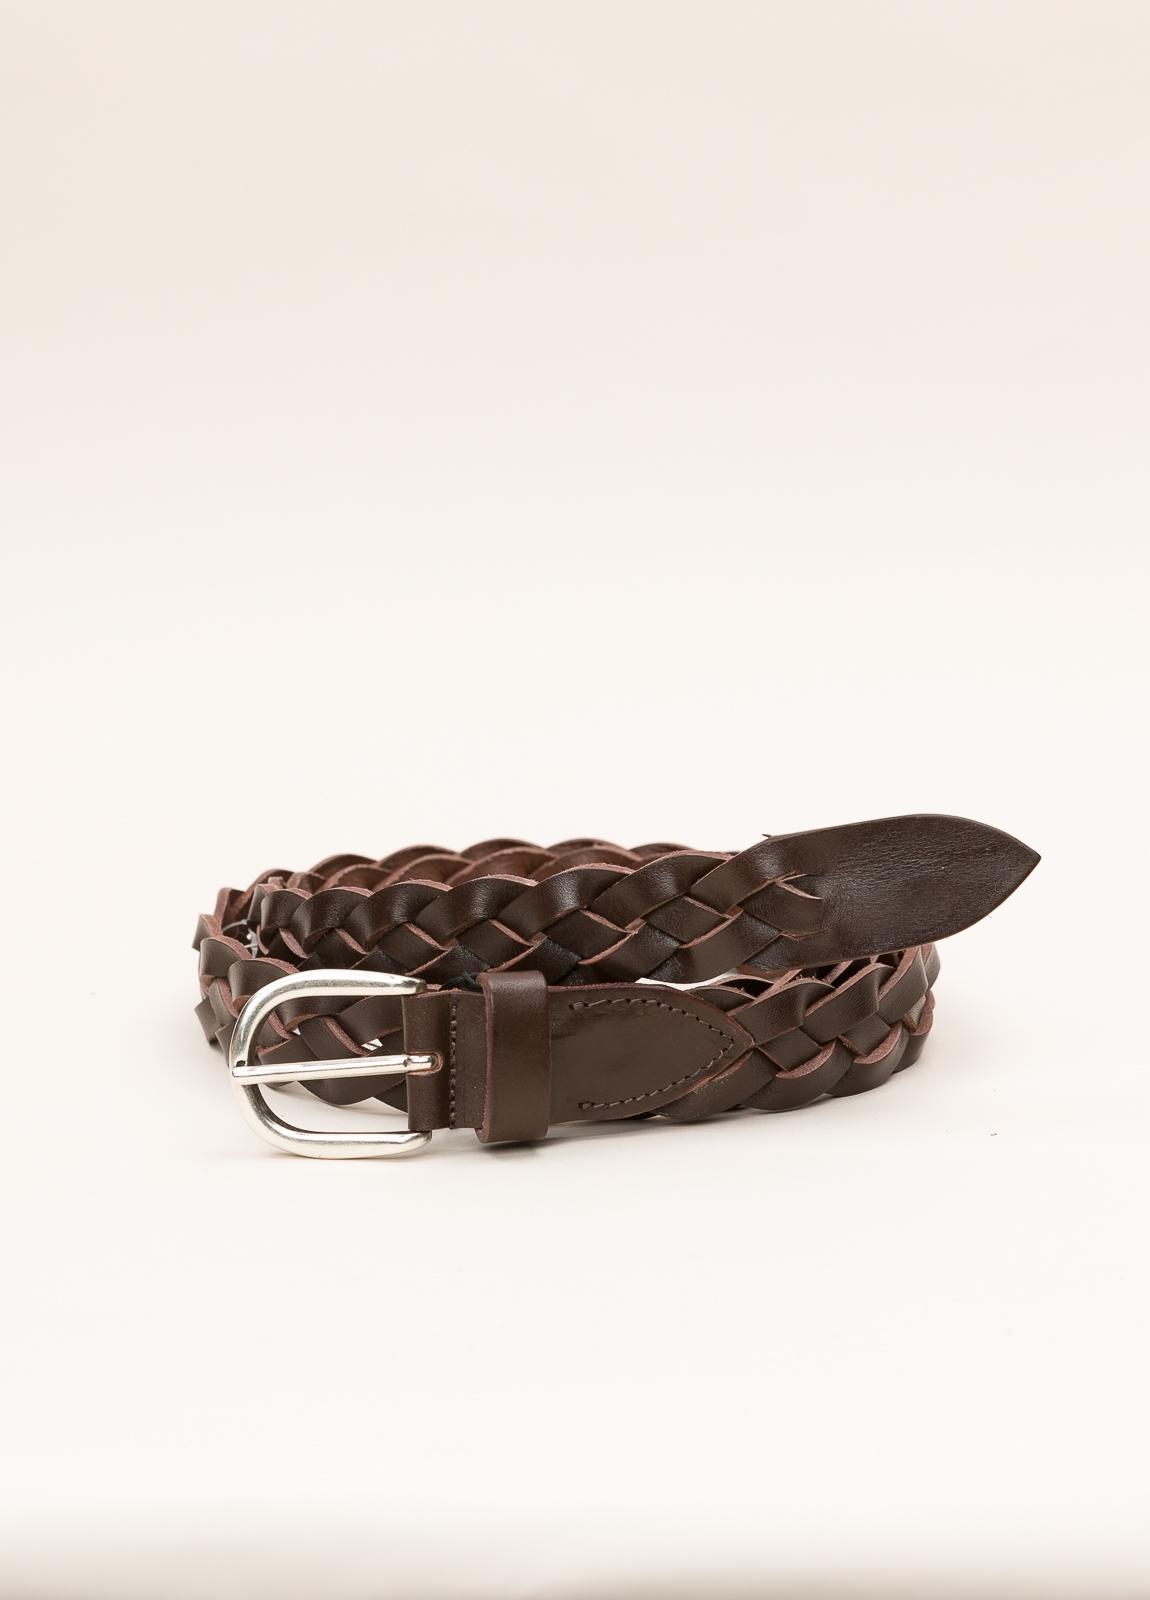 Cinturón sport ITALIAN BELTS trenzado marrón